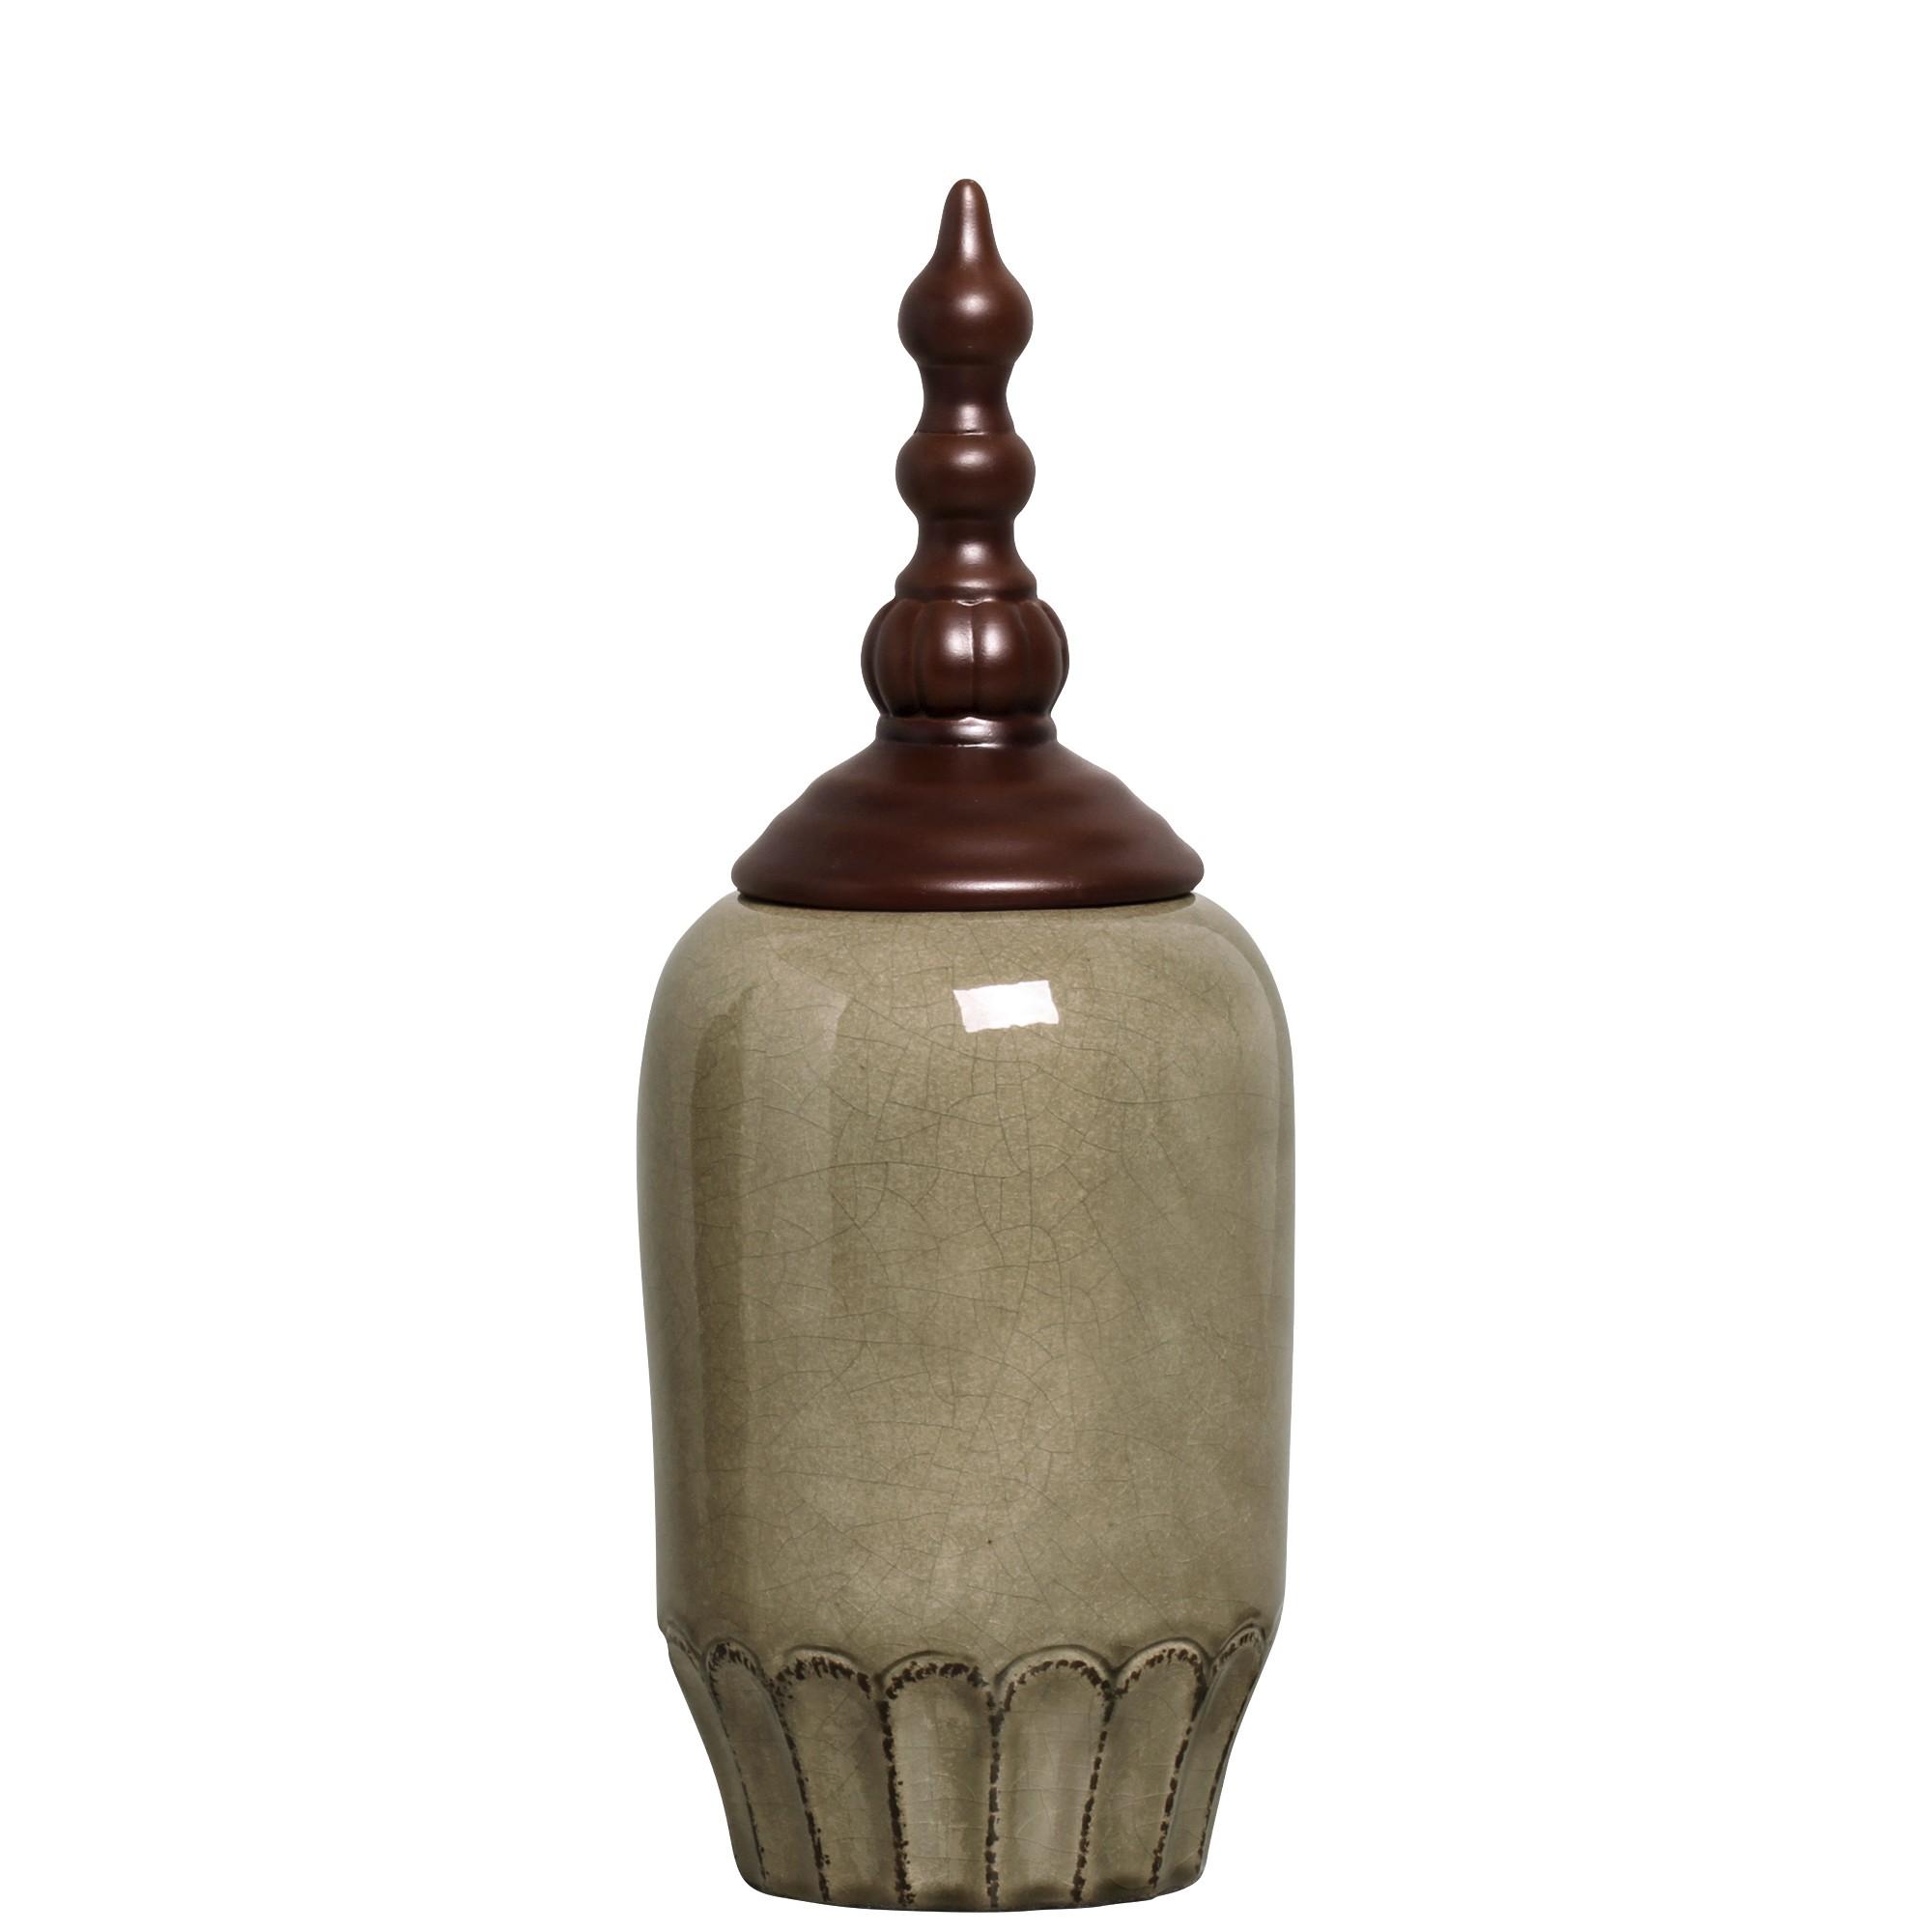 Potiche Decorativo Pote Luna II 395 cm 97630 - Buzzio s